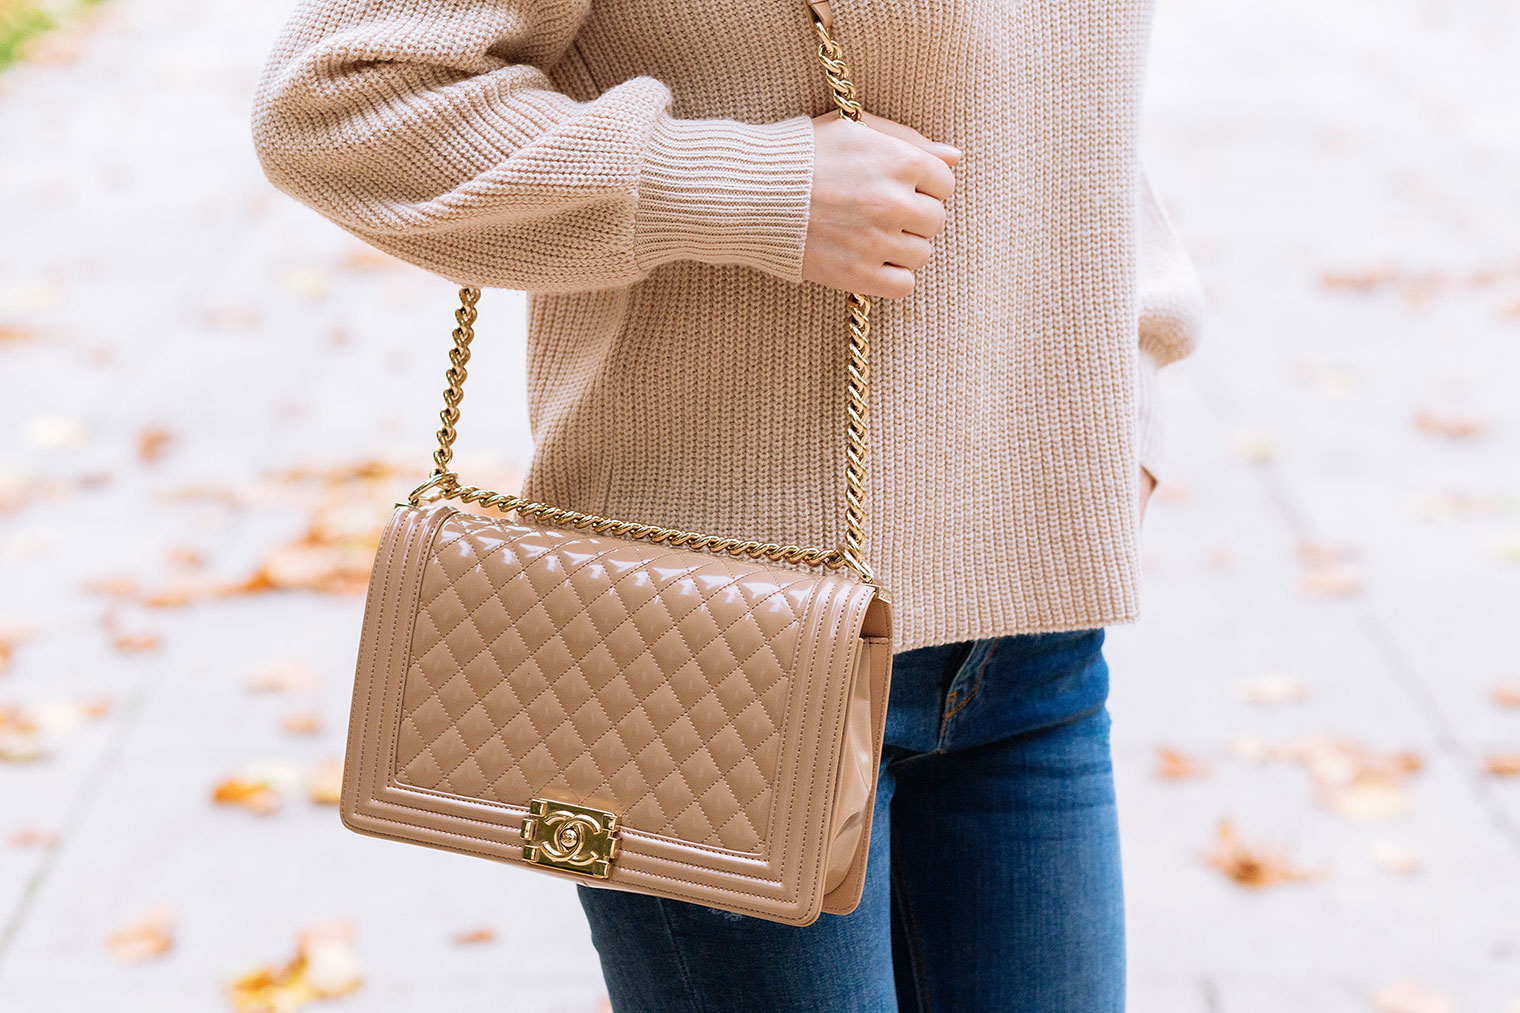 knitwear trends beige sweater